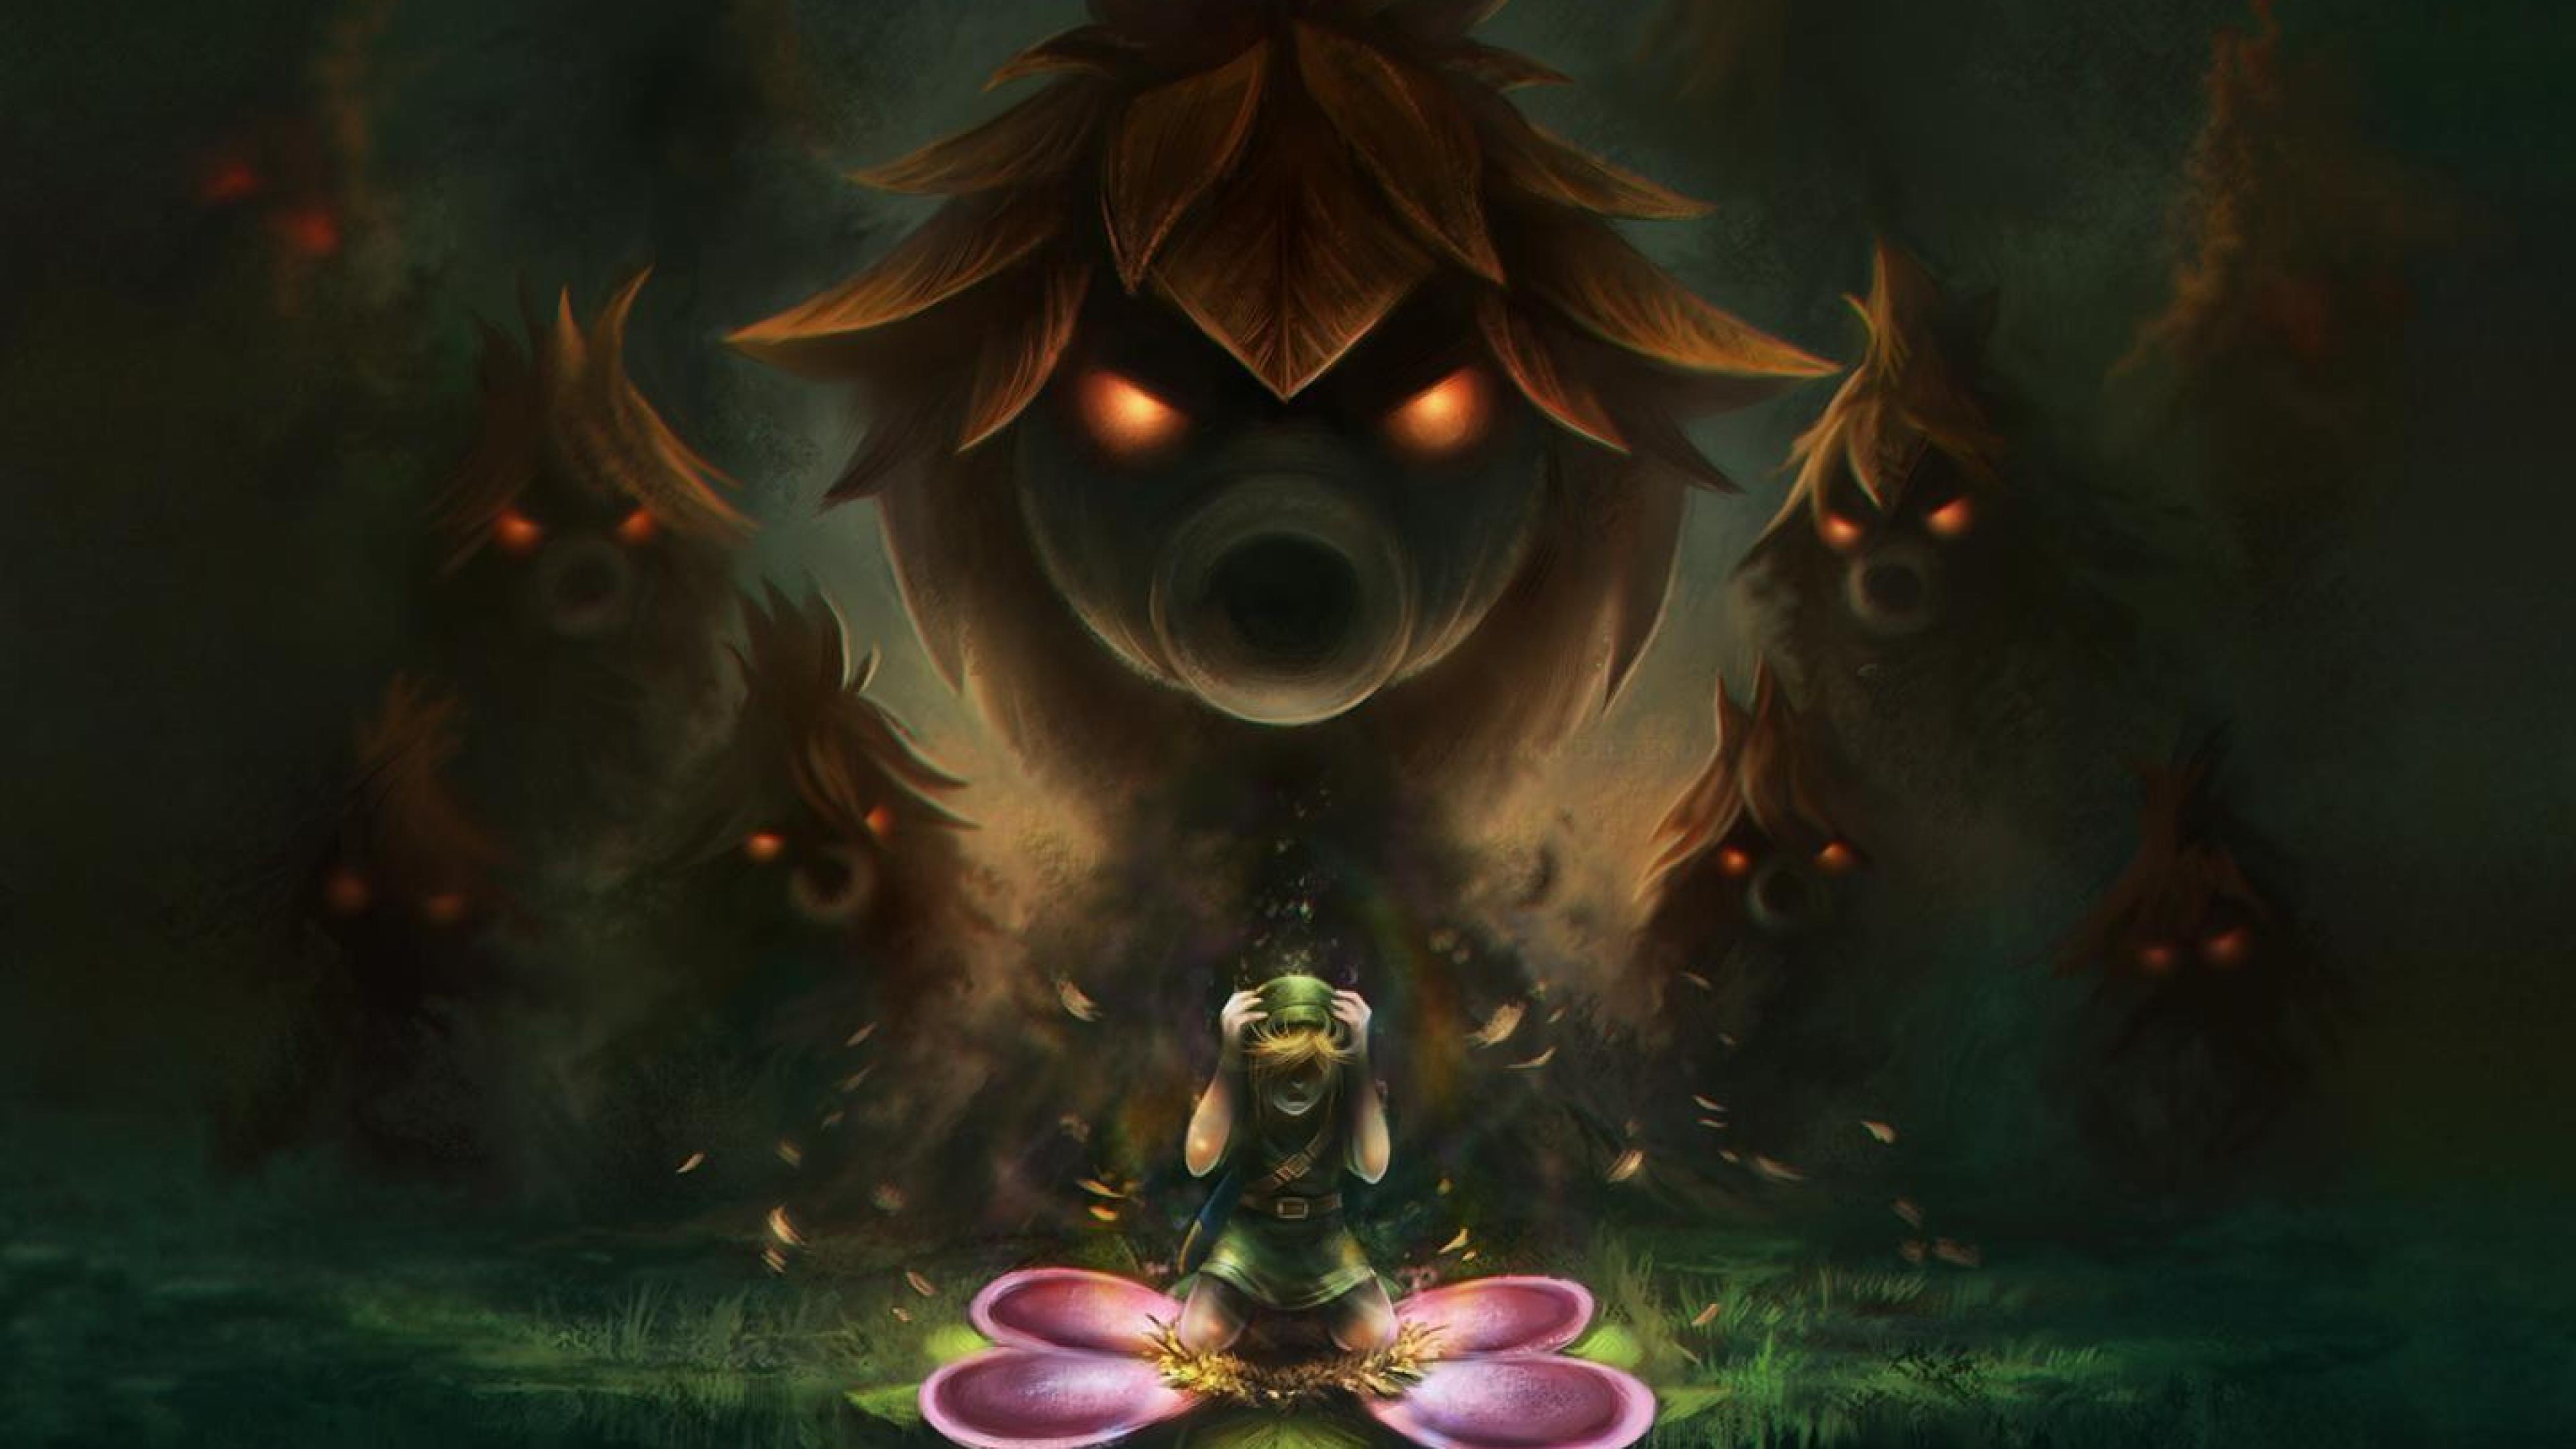 Hd Zelda Wallpaper 72 Pictures